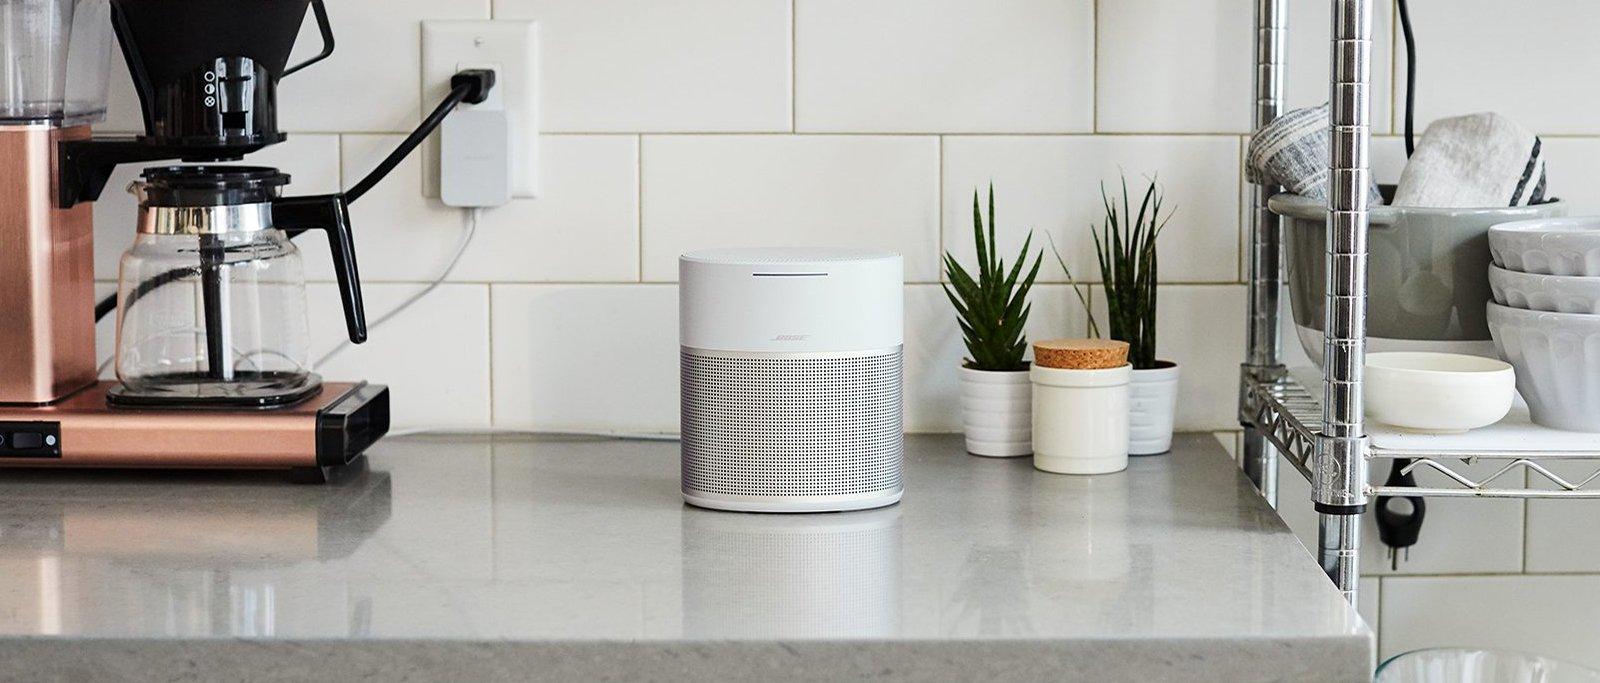 Bose 300 vs 500 Home Speaker Comparison